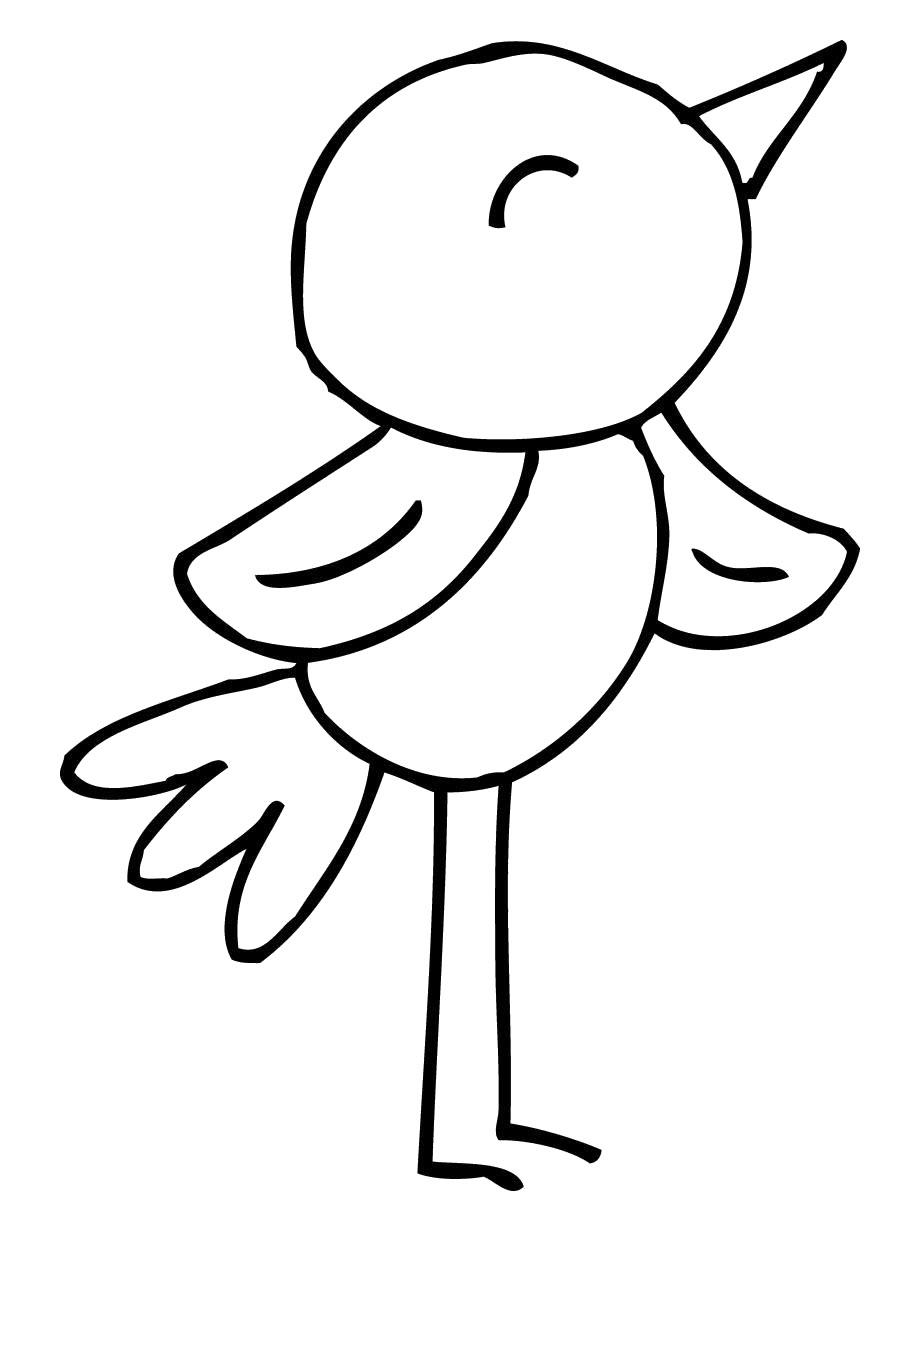 Hình con chim đơn giản tô màu cho bé